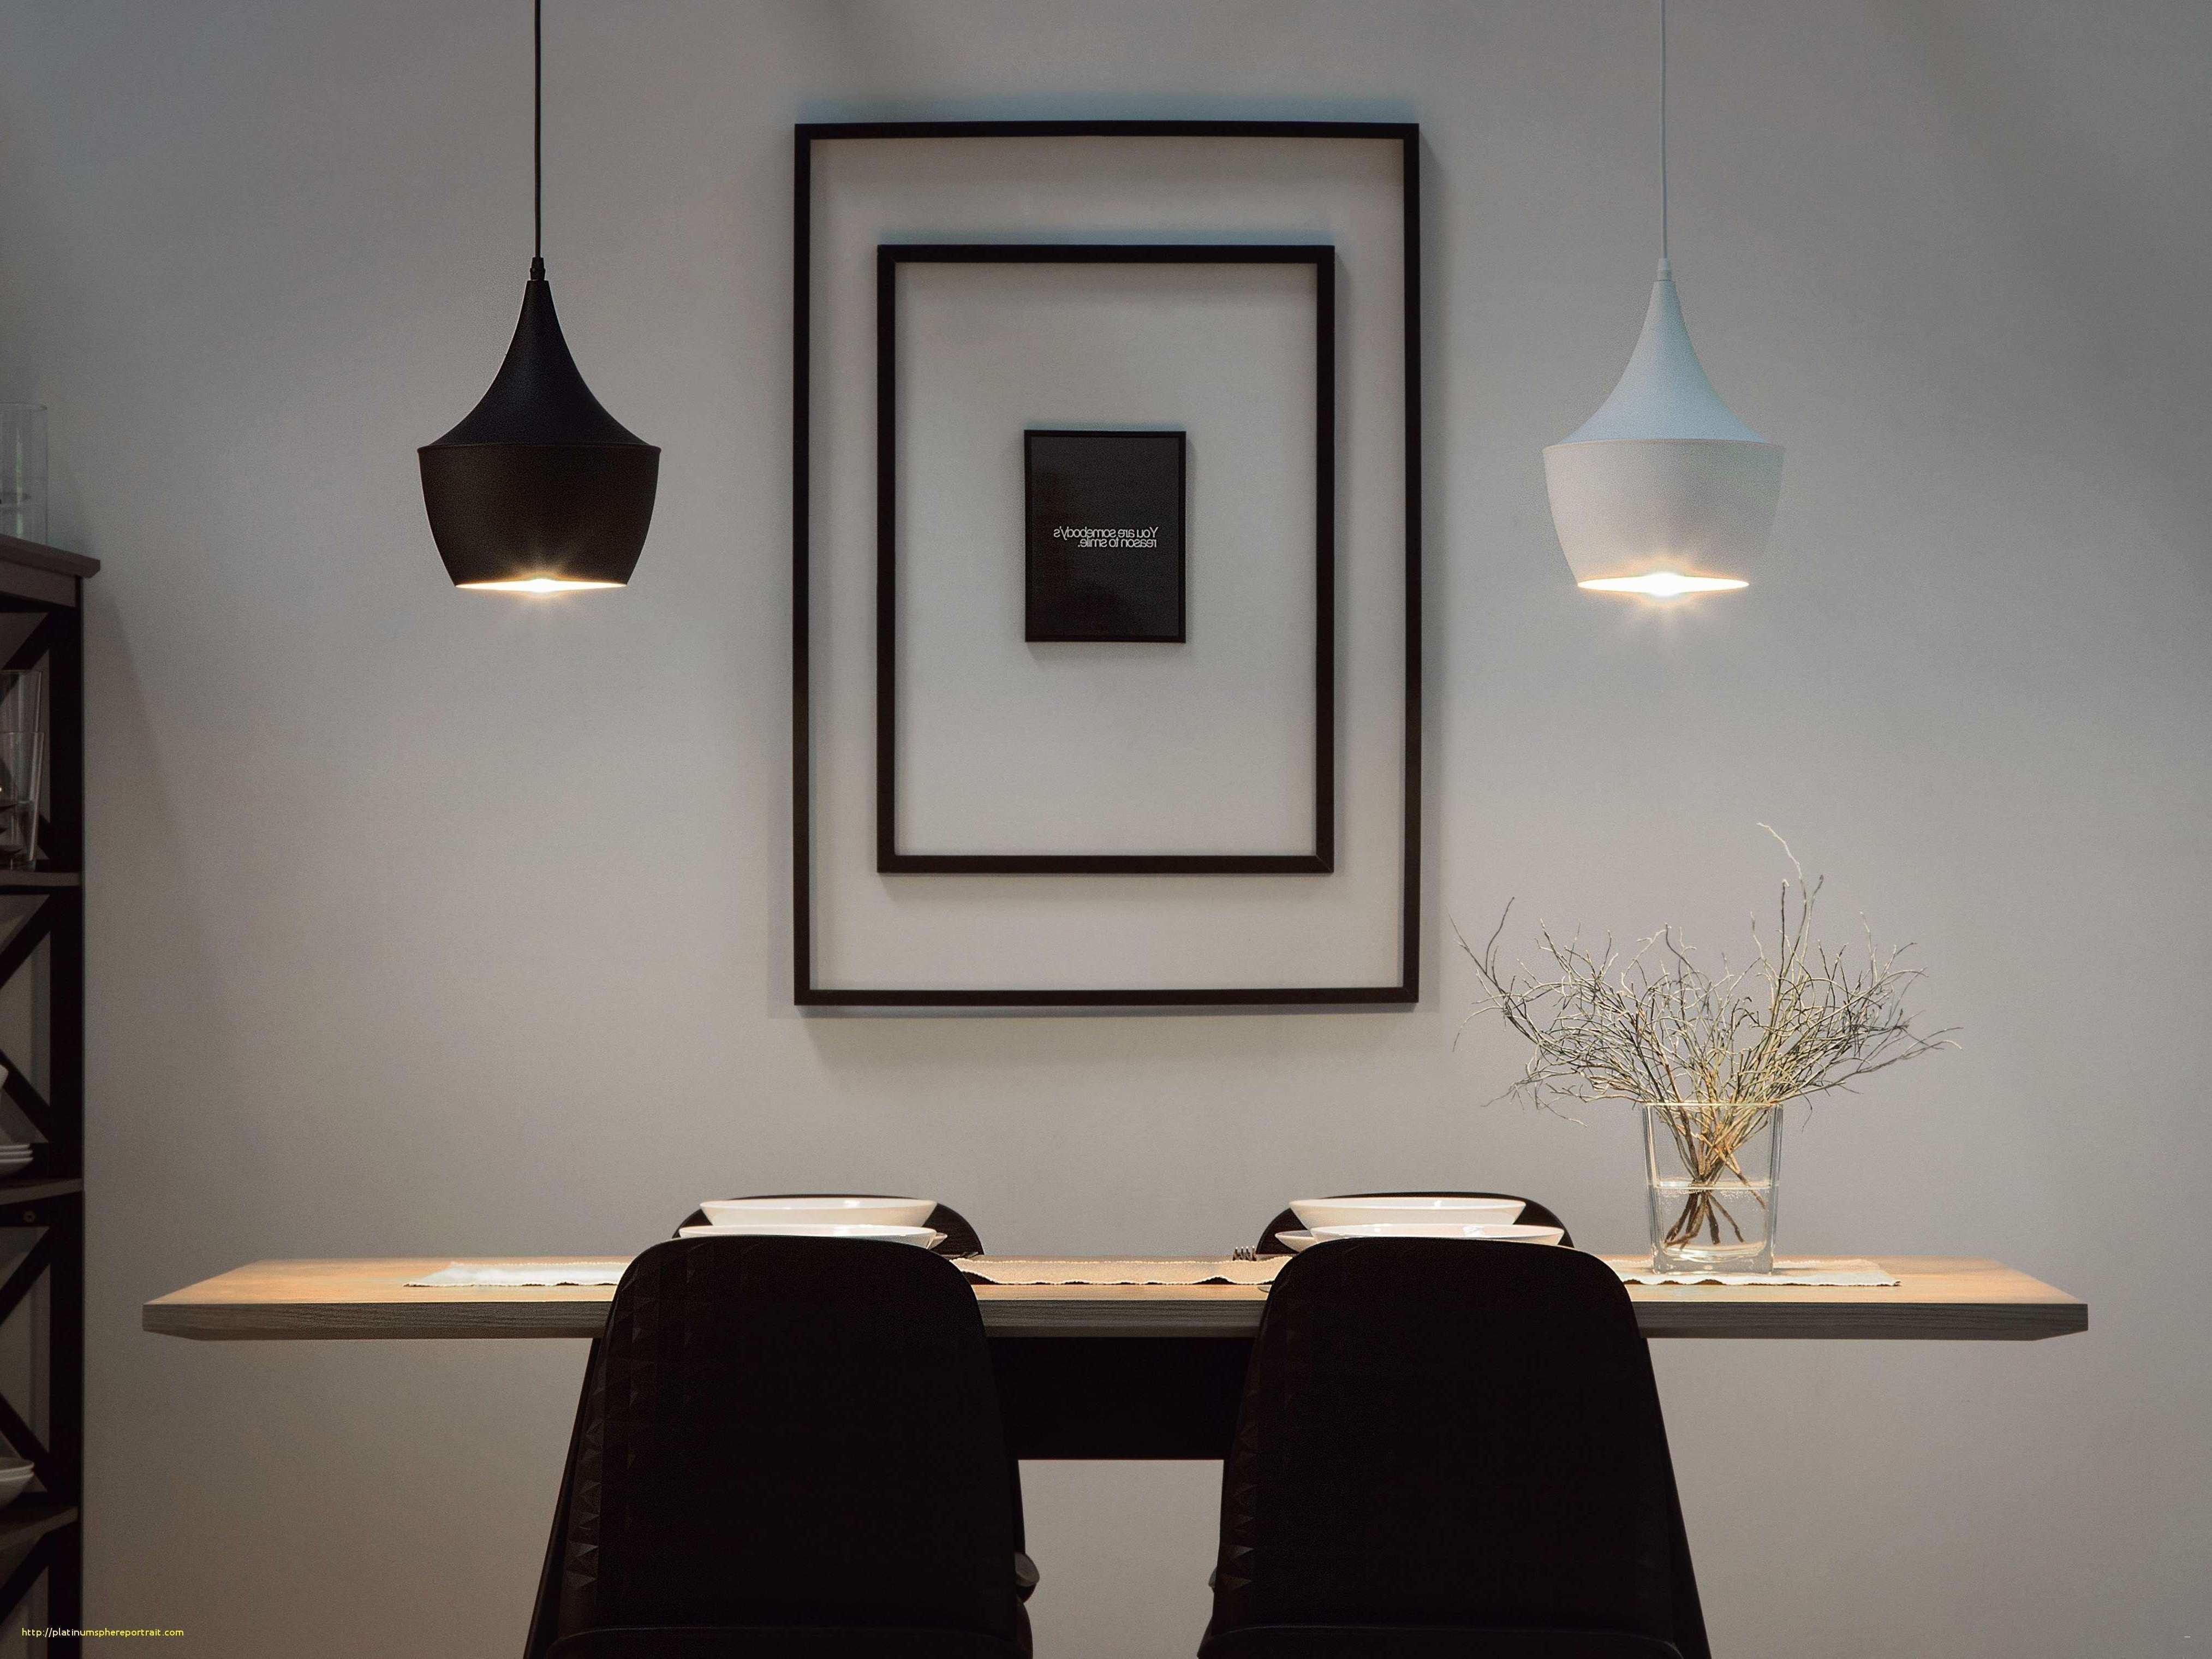 Lampe A Poser Design Ikea Idee De Luminaire Et Lampe Maison